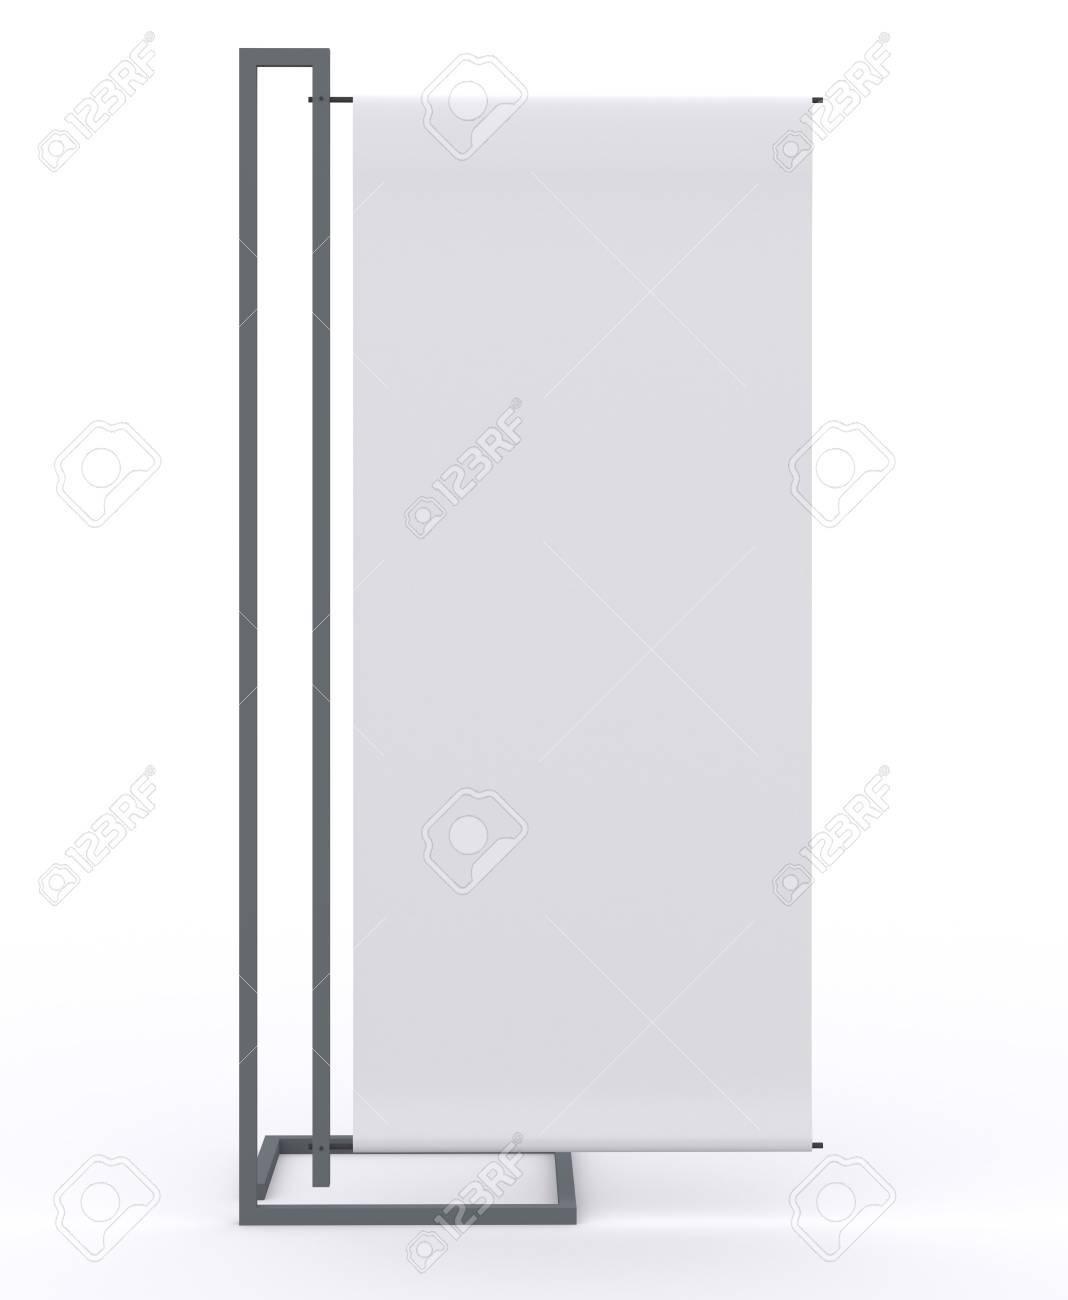 Pantalla En Blanco Banner Nuevo Diseño De Aluminio Plantilla Del ...